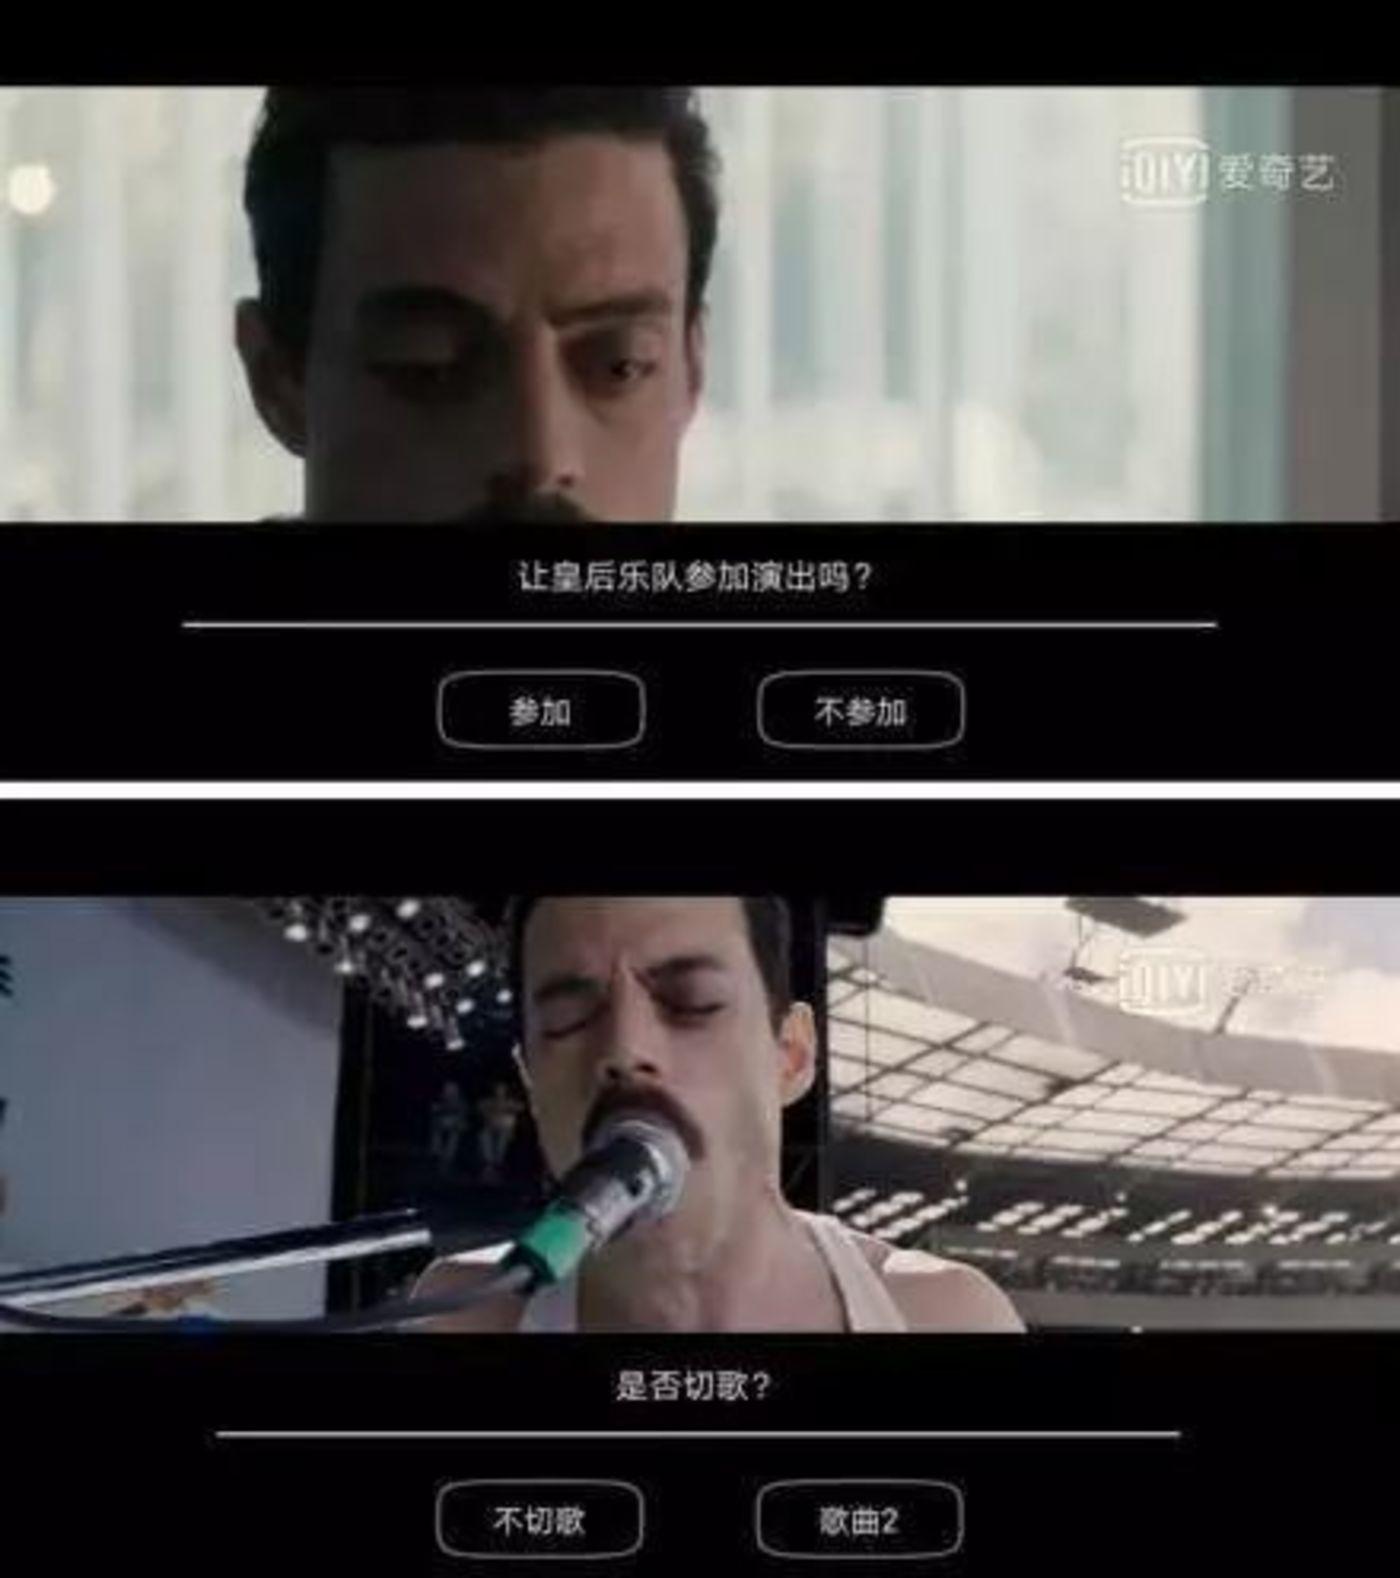 电影在视频网站上线的另一种交互可能,不失为互动电影的一种发展思路